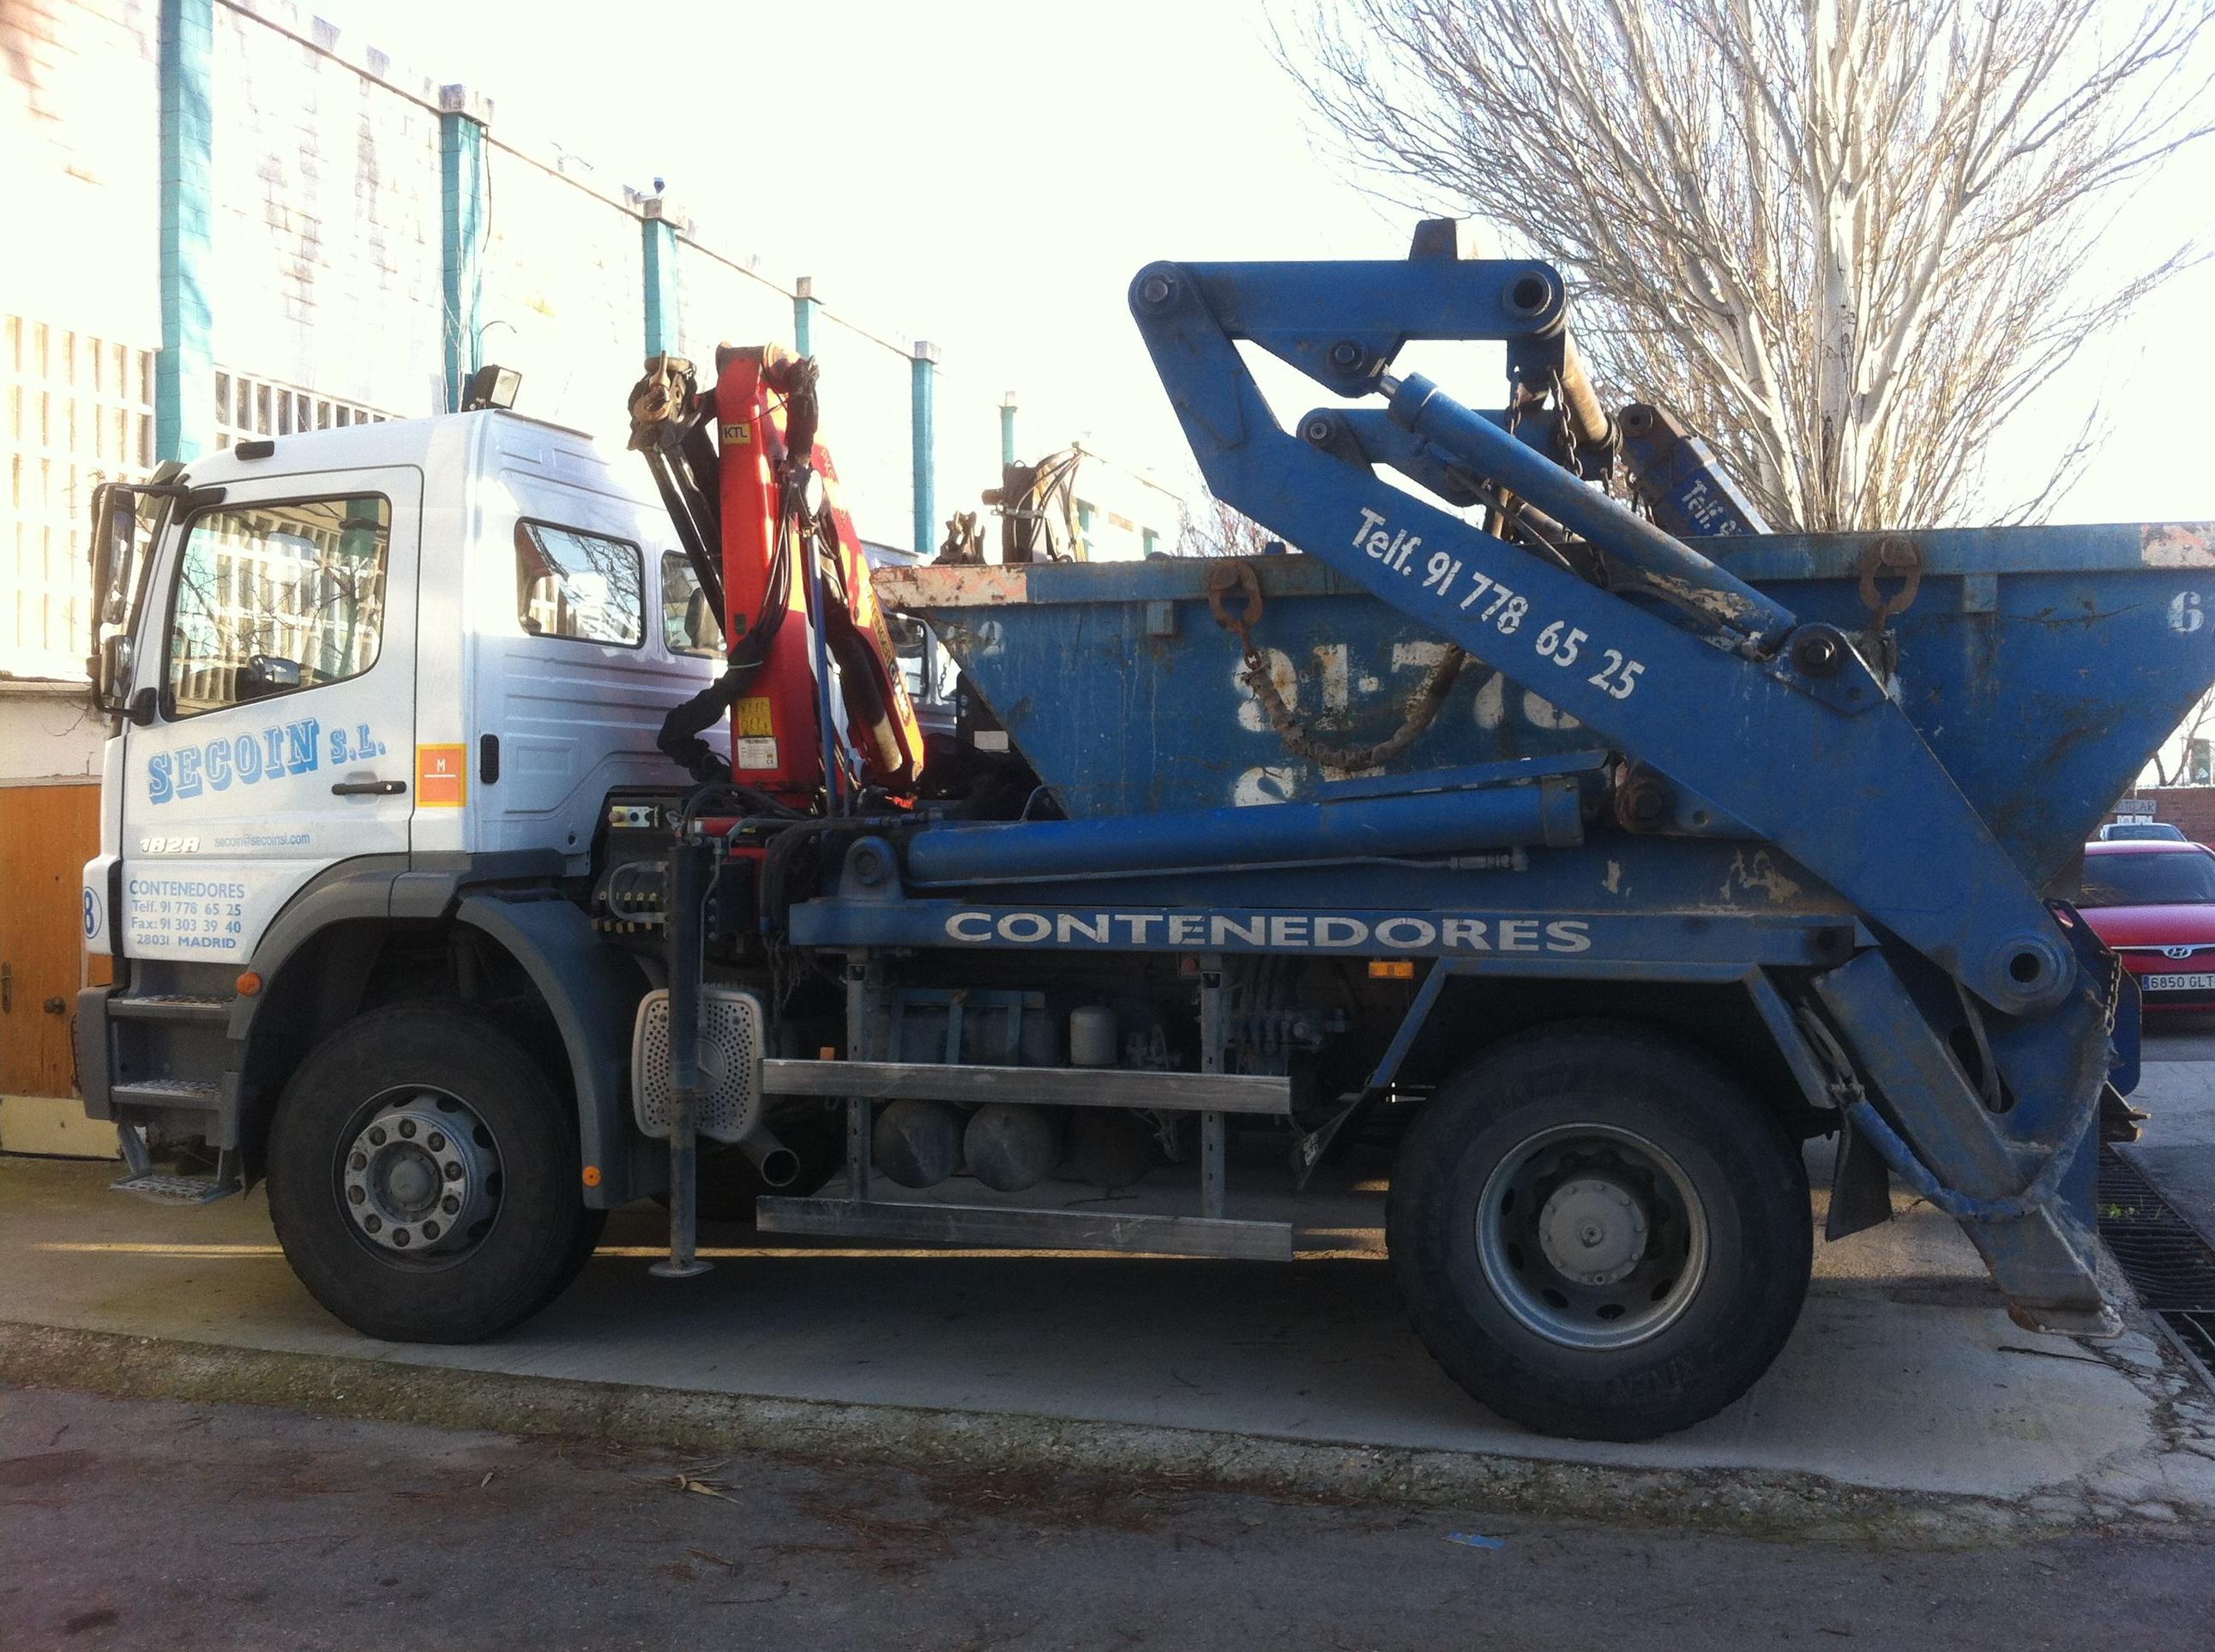 Camión con contenedor de la empresa Secoin